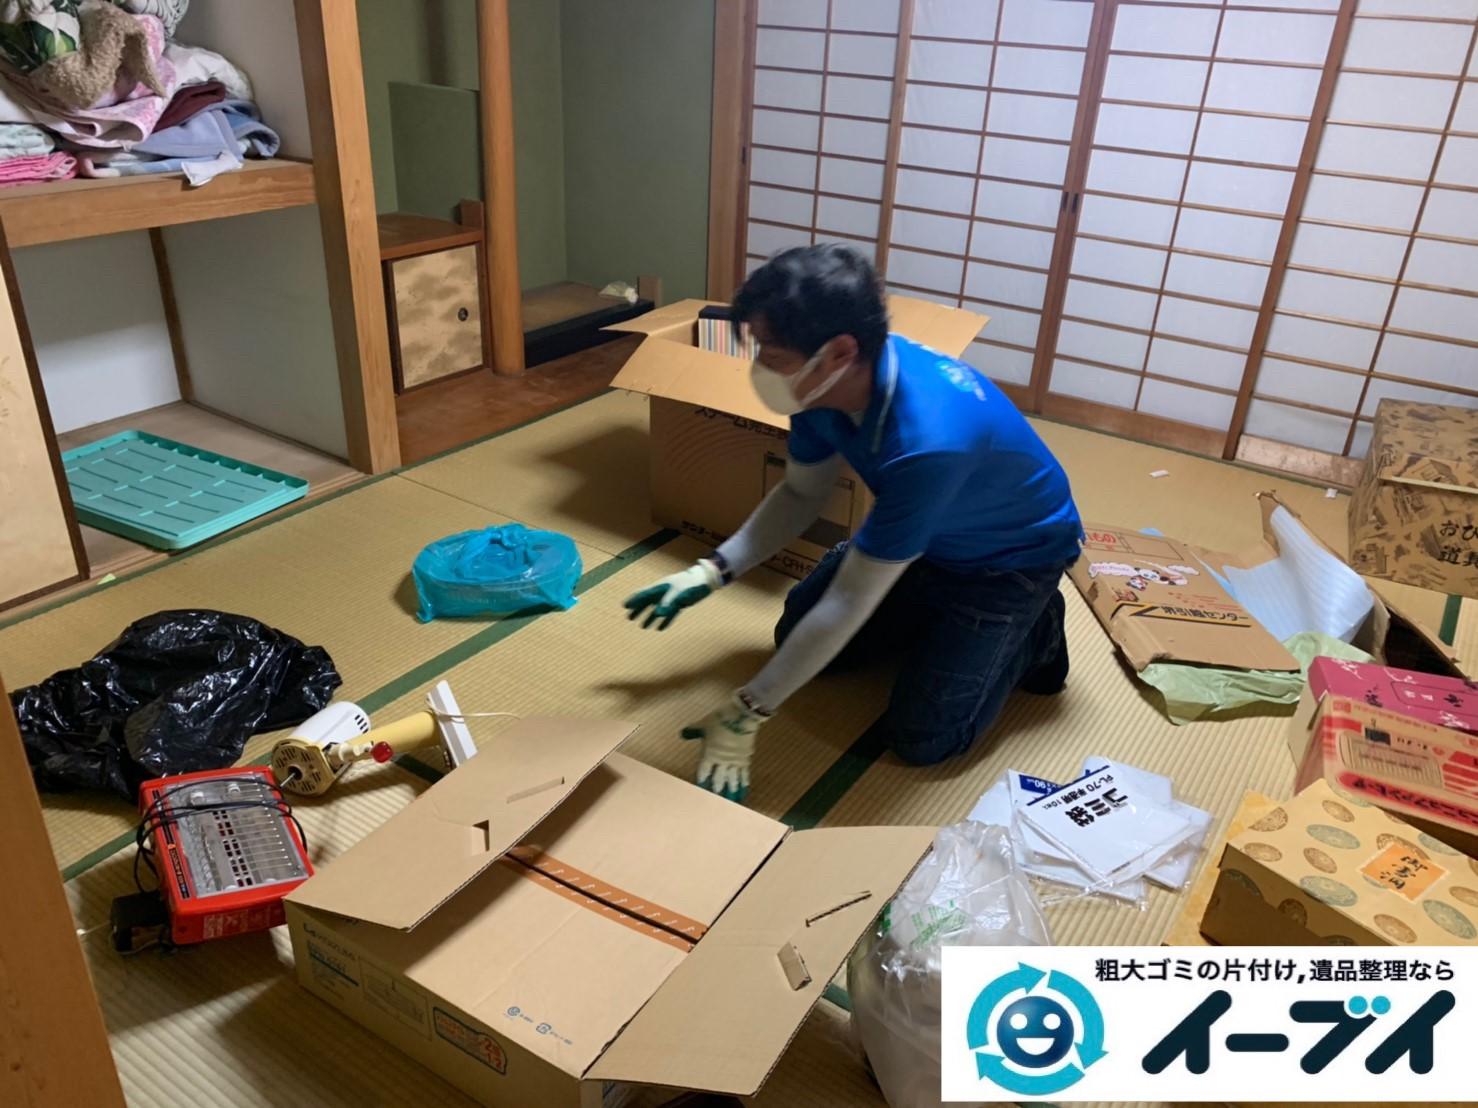 2019年10月25日大阪府大阪市岸和田市で退去に伴い、お家の家財道具を片付け処分させていただきました。写真2